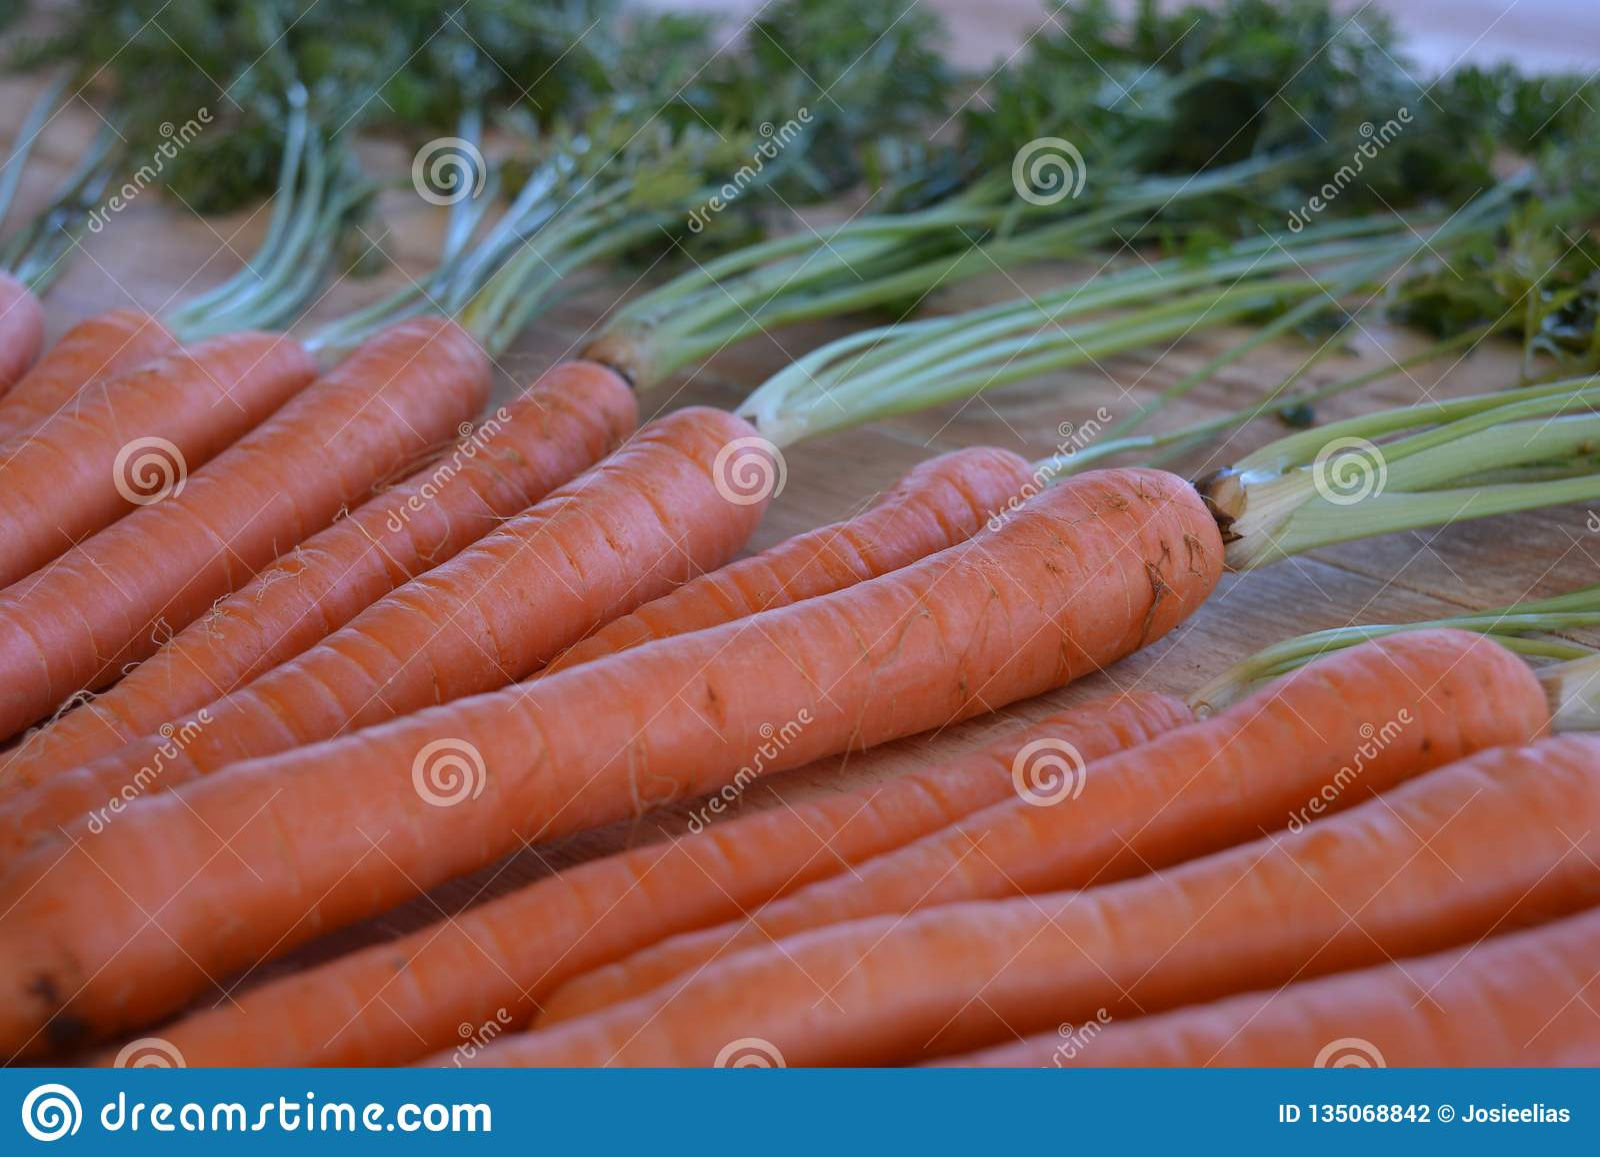 Escogio Recientemente Zanahorias Organicas Con Los Tops De La Zanahoria Foto De Archivo Imagen De Escogio Recientemente 135068842 El jugo de zanahoria es una bebida deliciosa y nutritiva rica en betacaroteno, vitamina a, b, c, d, e, k y minerales como el calcio, fósforo y potasio. dreamstime